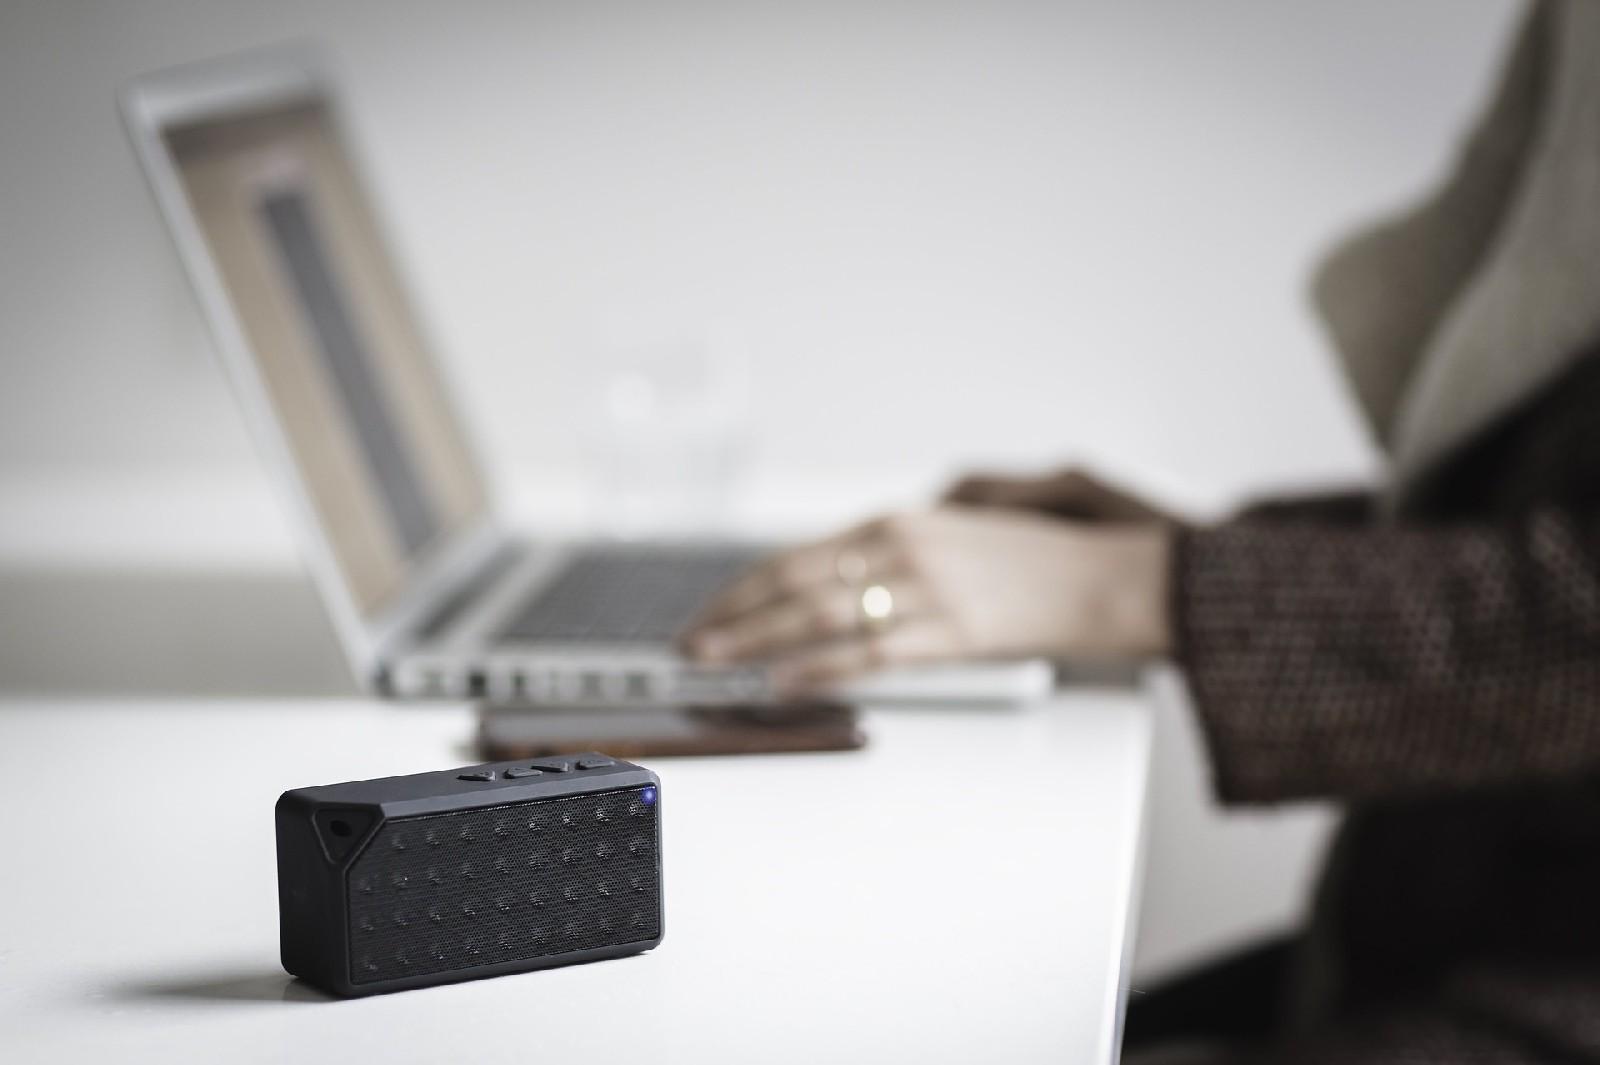 Pendrive, power bank, czy głośnik Bluetooth - co najlepiej sprawdzi się w roli gadżetu reklamowego?